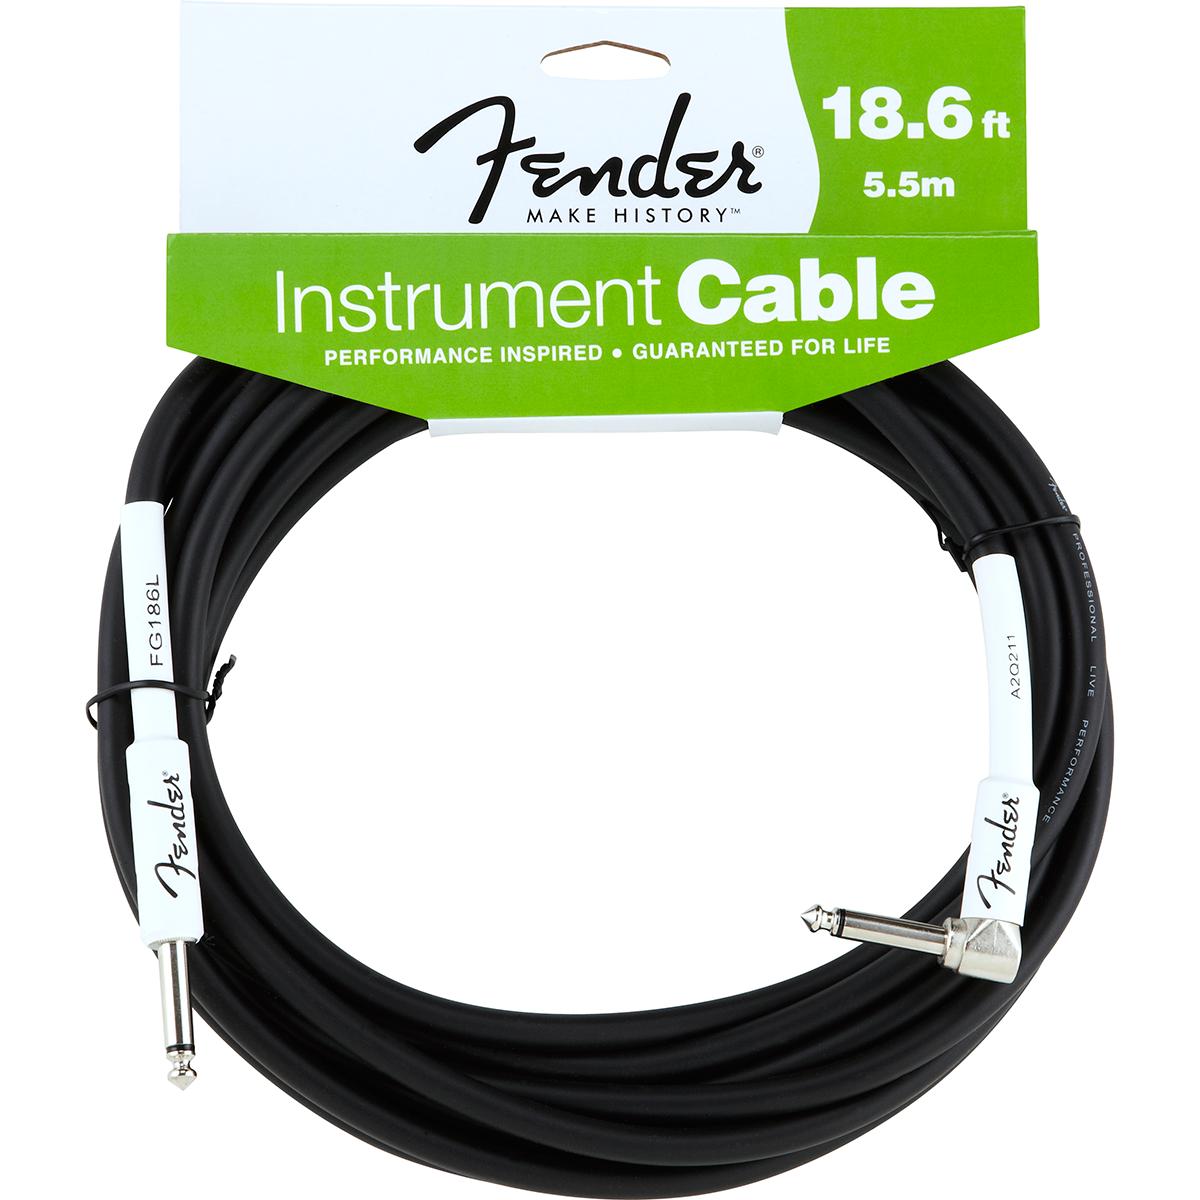 Billede af Fender Performance18.6ftangled jack-til-jack-kabel sort 5,5meter